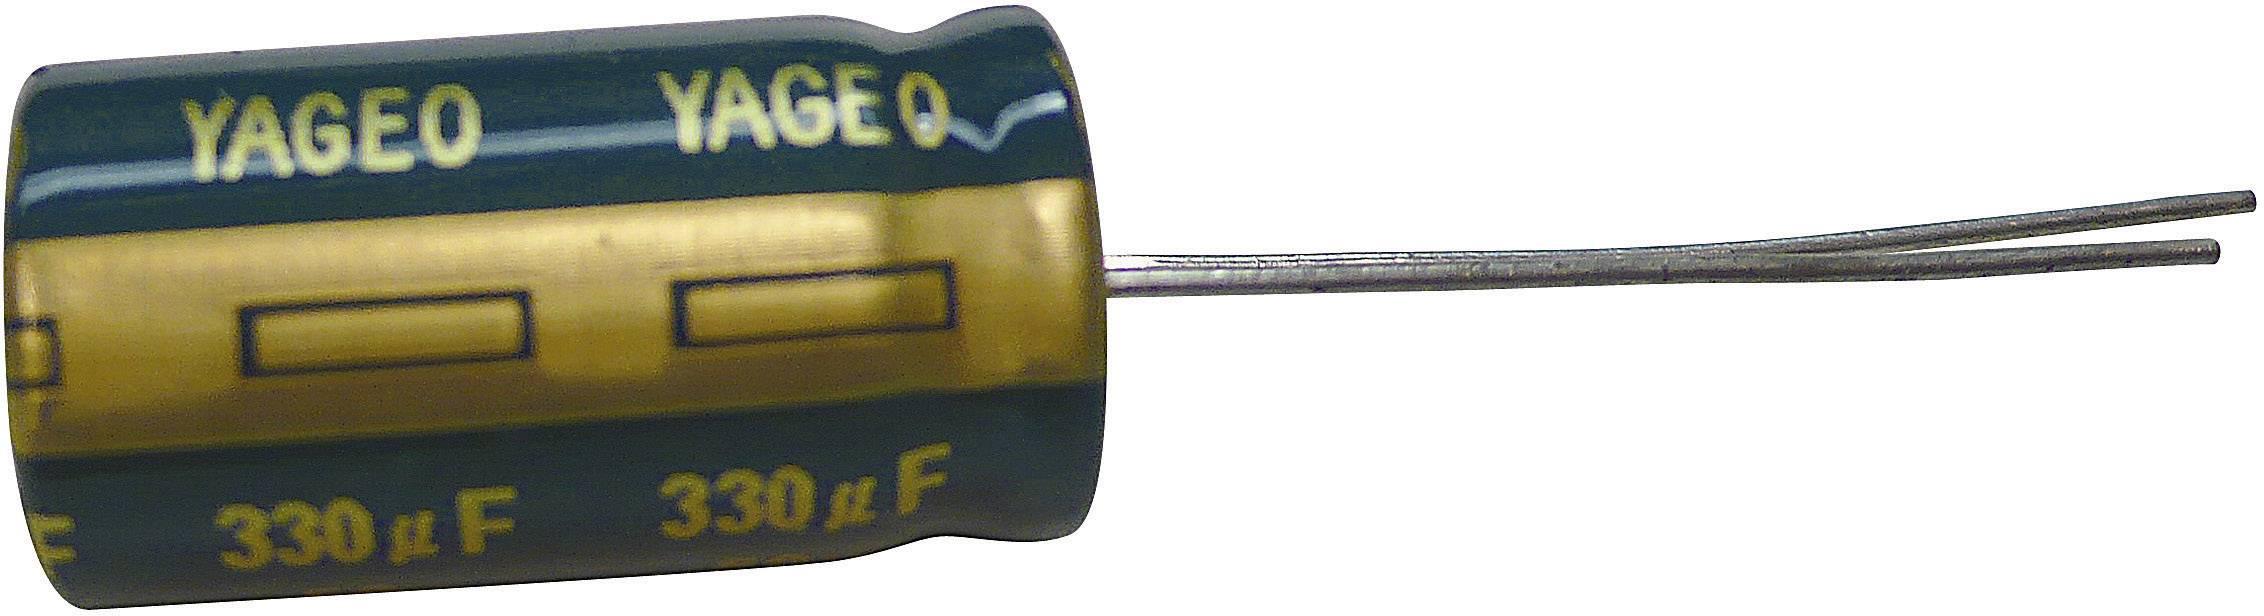 Kondenzátor elektrolytický Yageo SY016M3300B5S-1335, 3300 mF, 16 V, 20 %, 35 x 13 mm